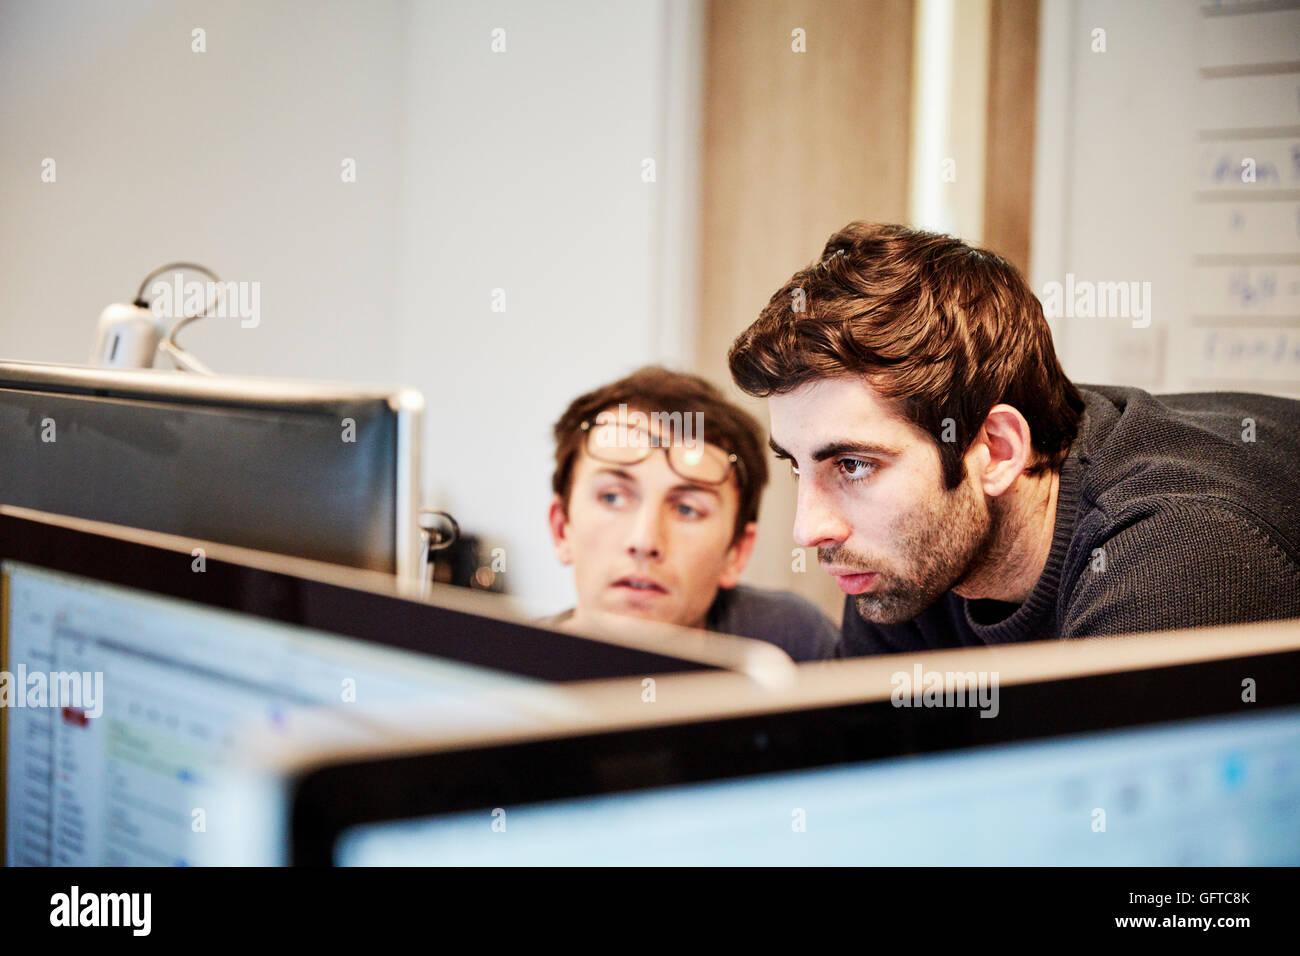 Un atelier de meubles ,deux personnes discutant un dessin faisant référence à des dessins et d'ordinateurs Photo Stock